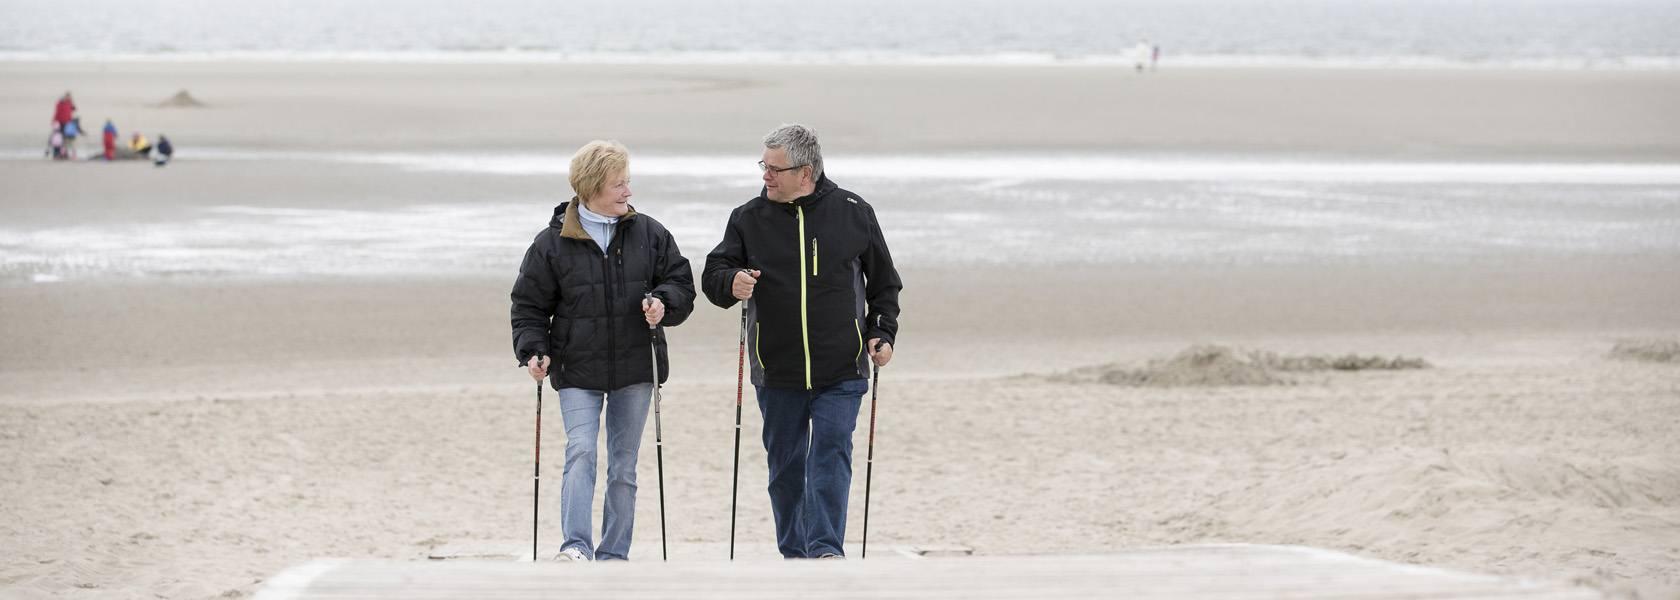 Nordic Walking am Strand, © Martin Stöver